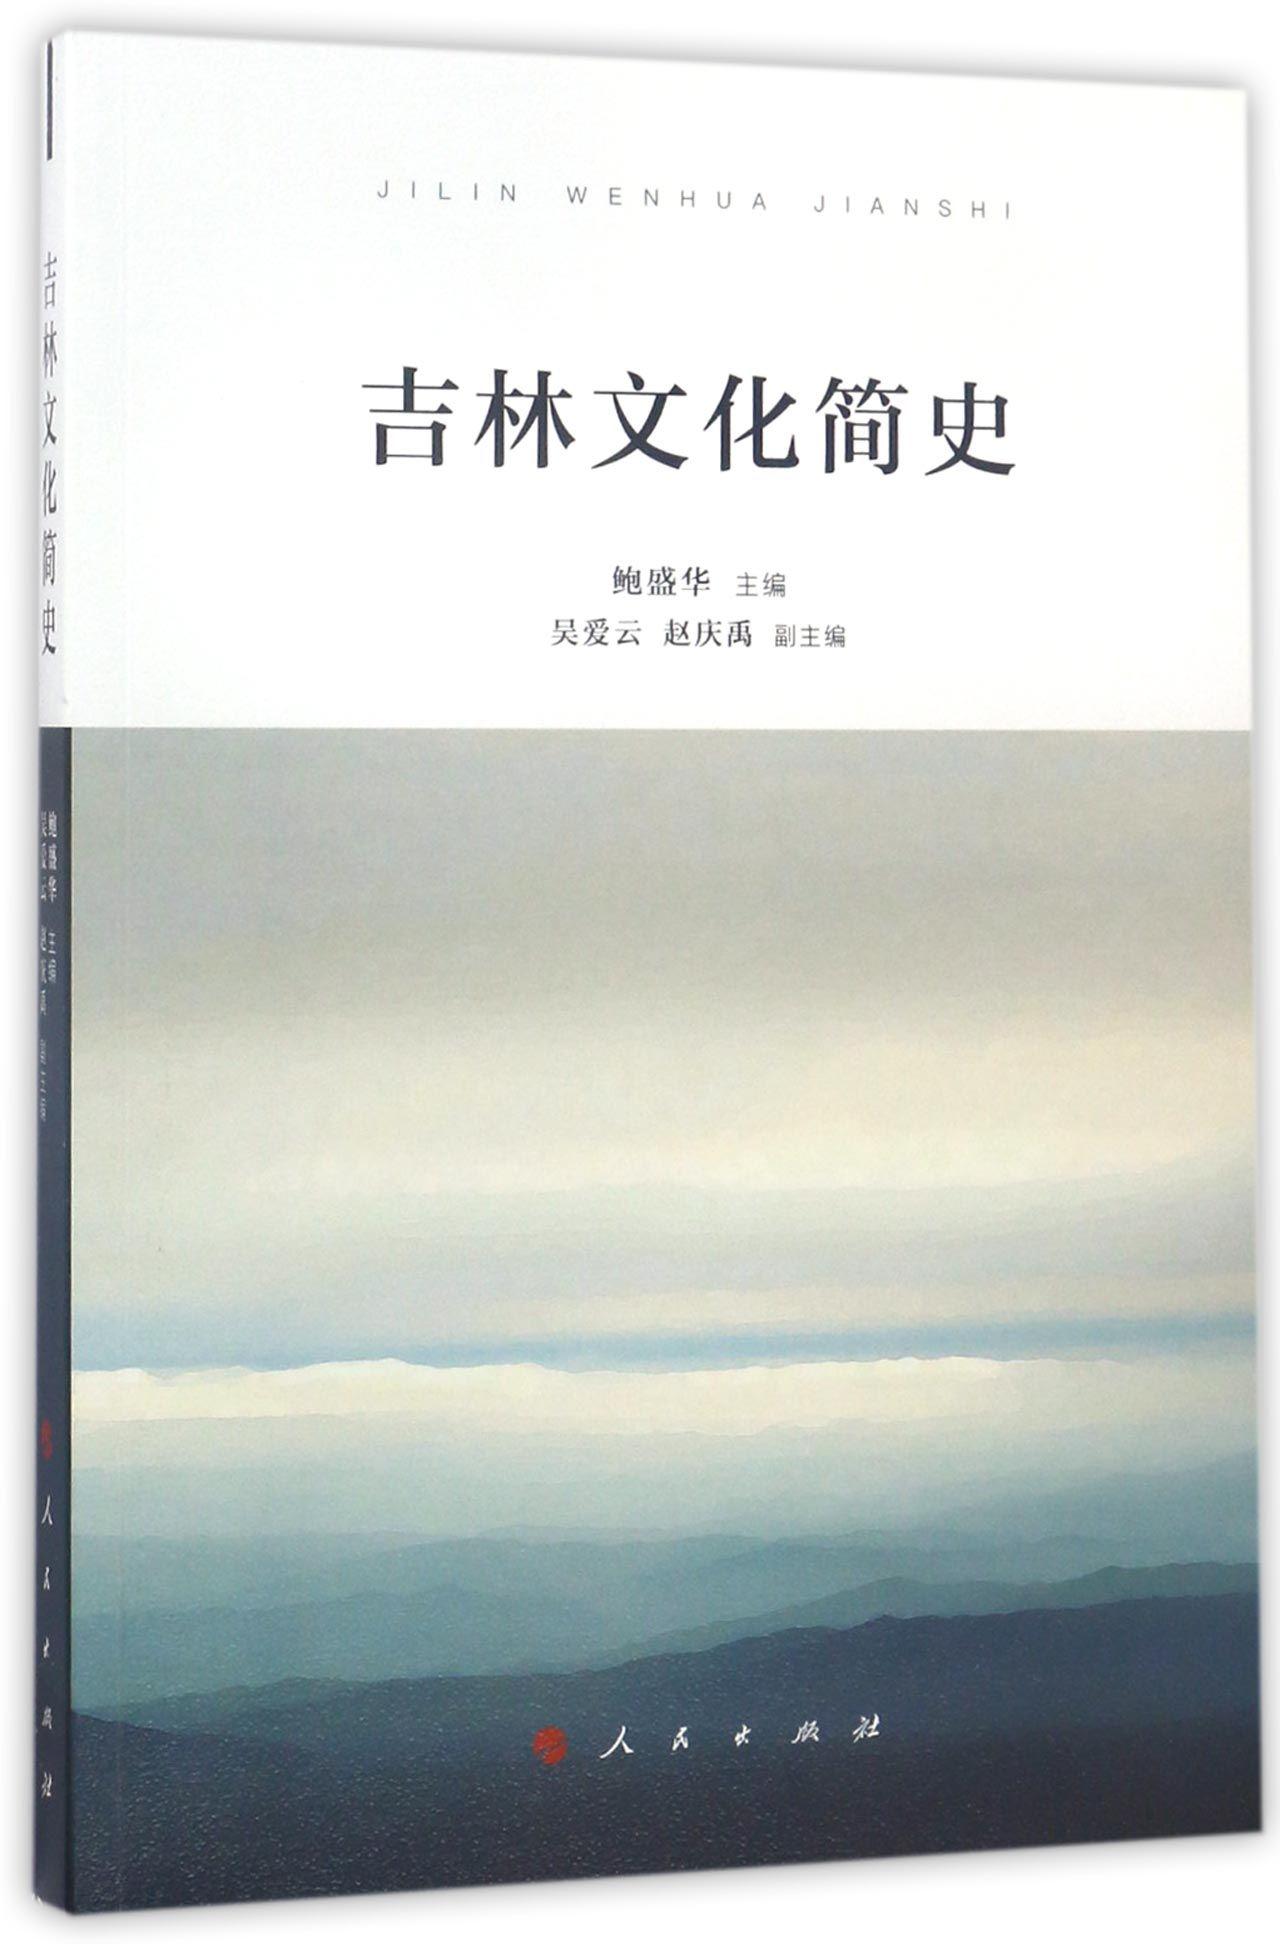 吉林文化简史  鲍盛华 人民出版社 9787010174686